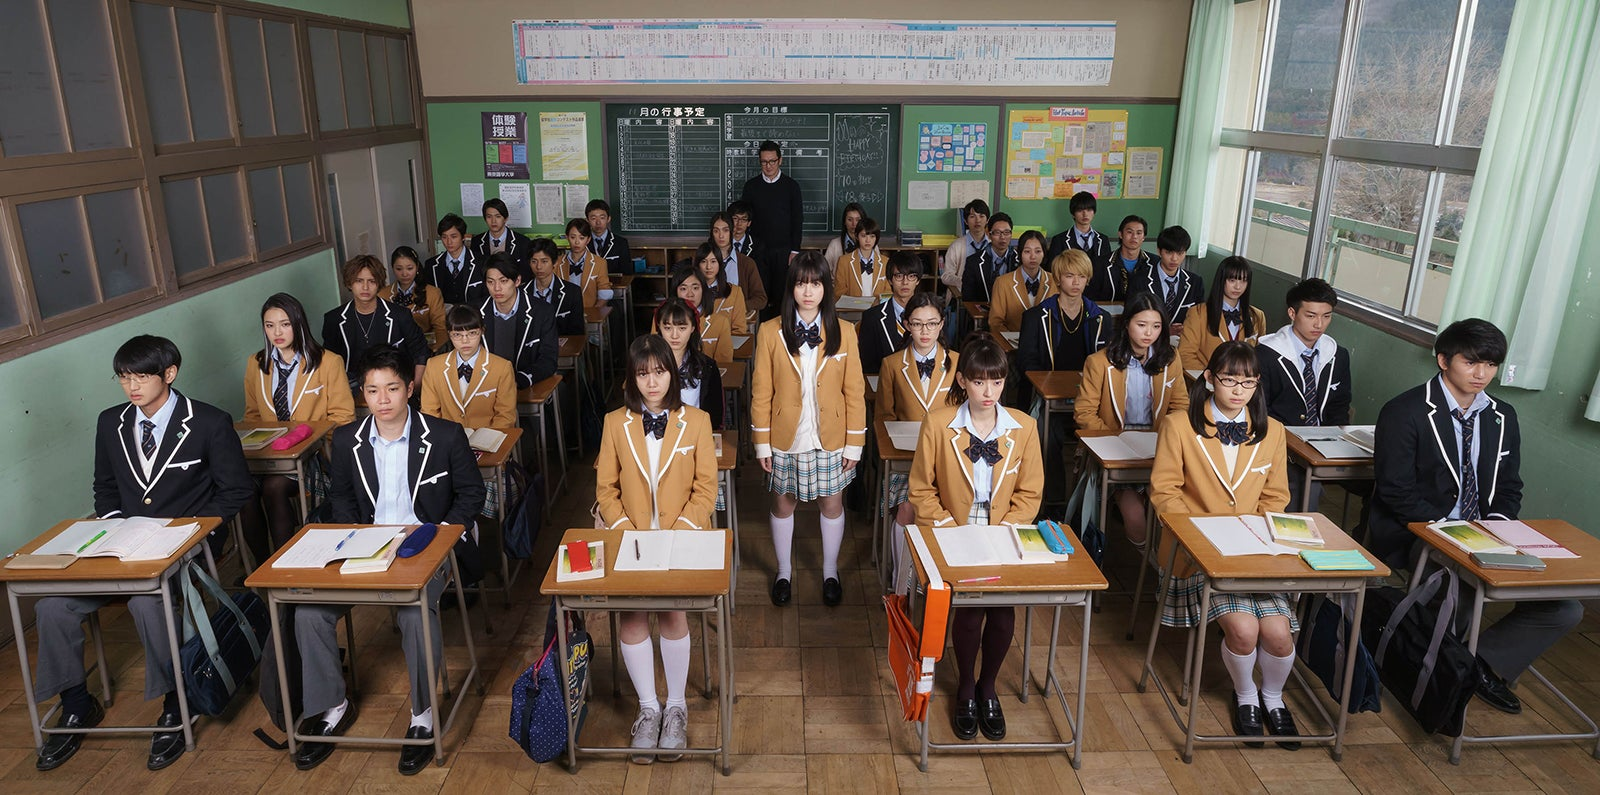 【朗報】NMB48 山本彩加に映画オファーキタ━━━━(゚∀゚)━━━━!!